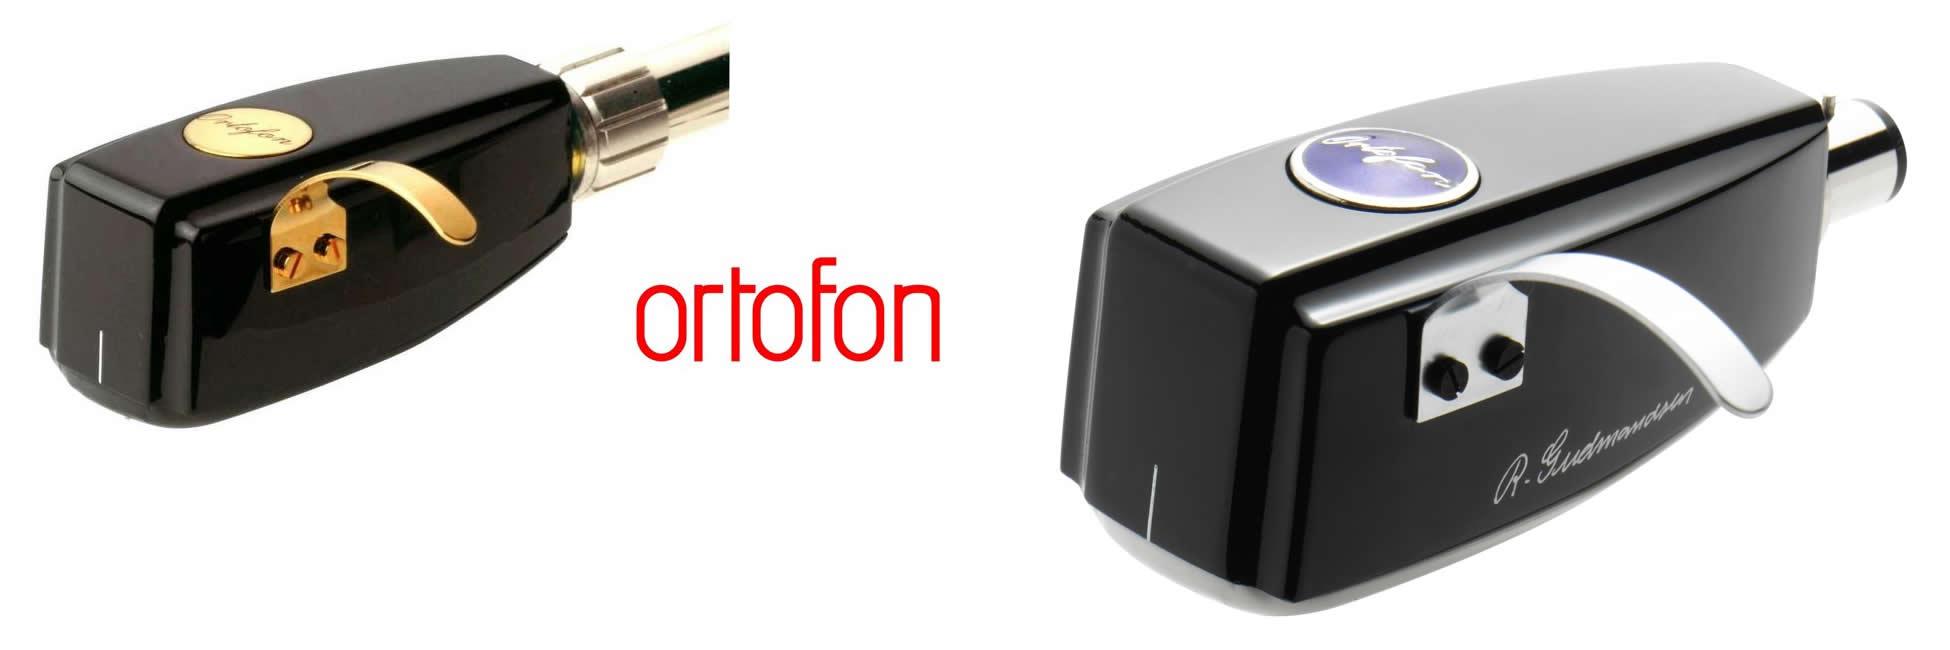 Ortofon MC Tonabnehmer wie dies SPU Royal GM Mk2 und SPUMeister Silver GM Mk2 Tondosen kauft man beim AkustikTune Hifi Studio